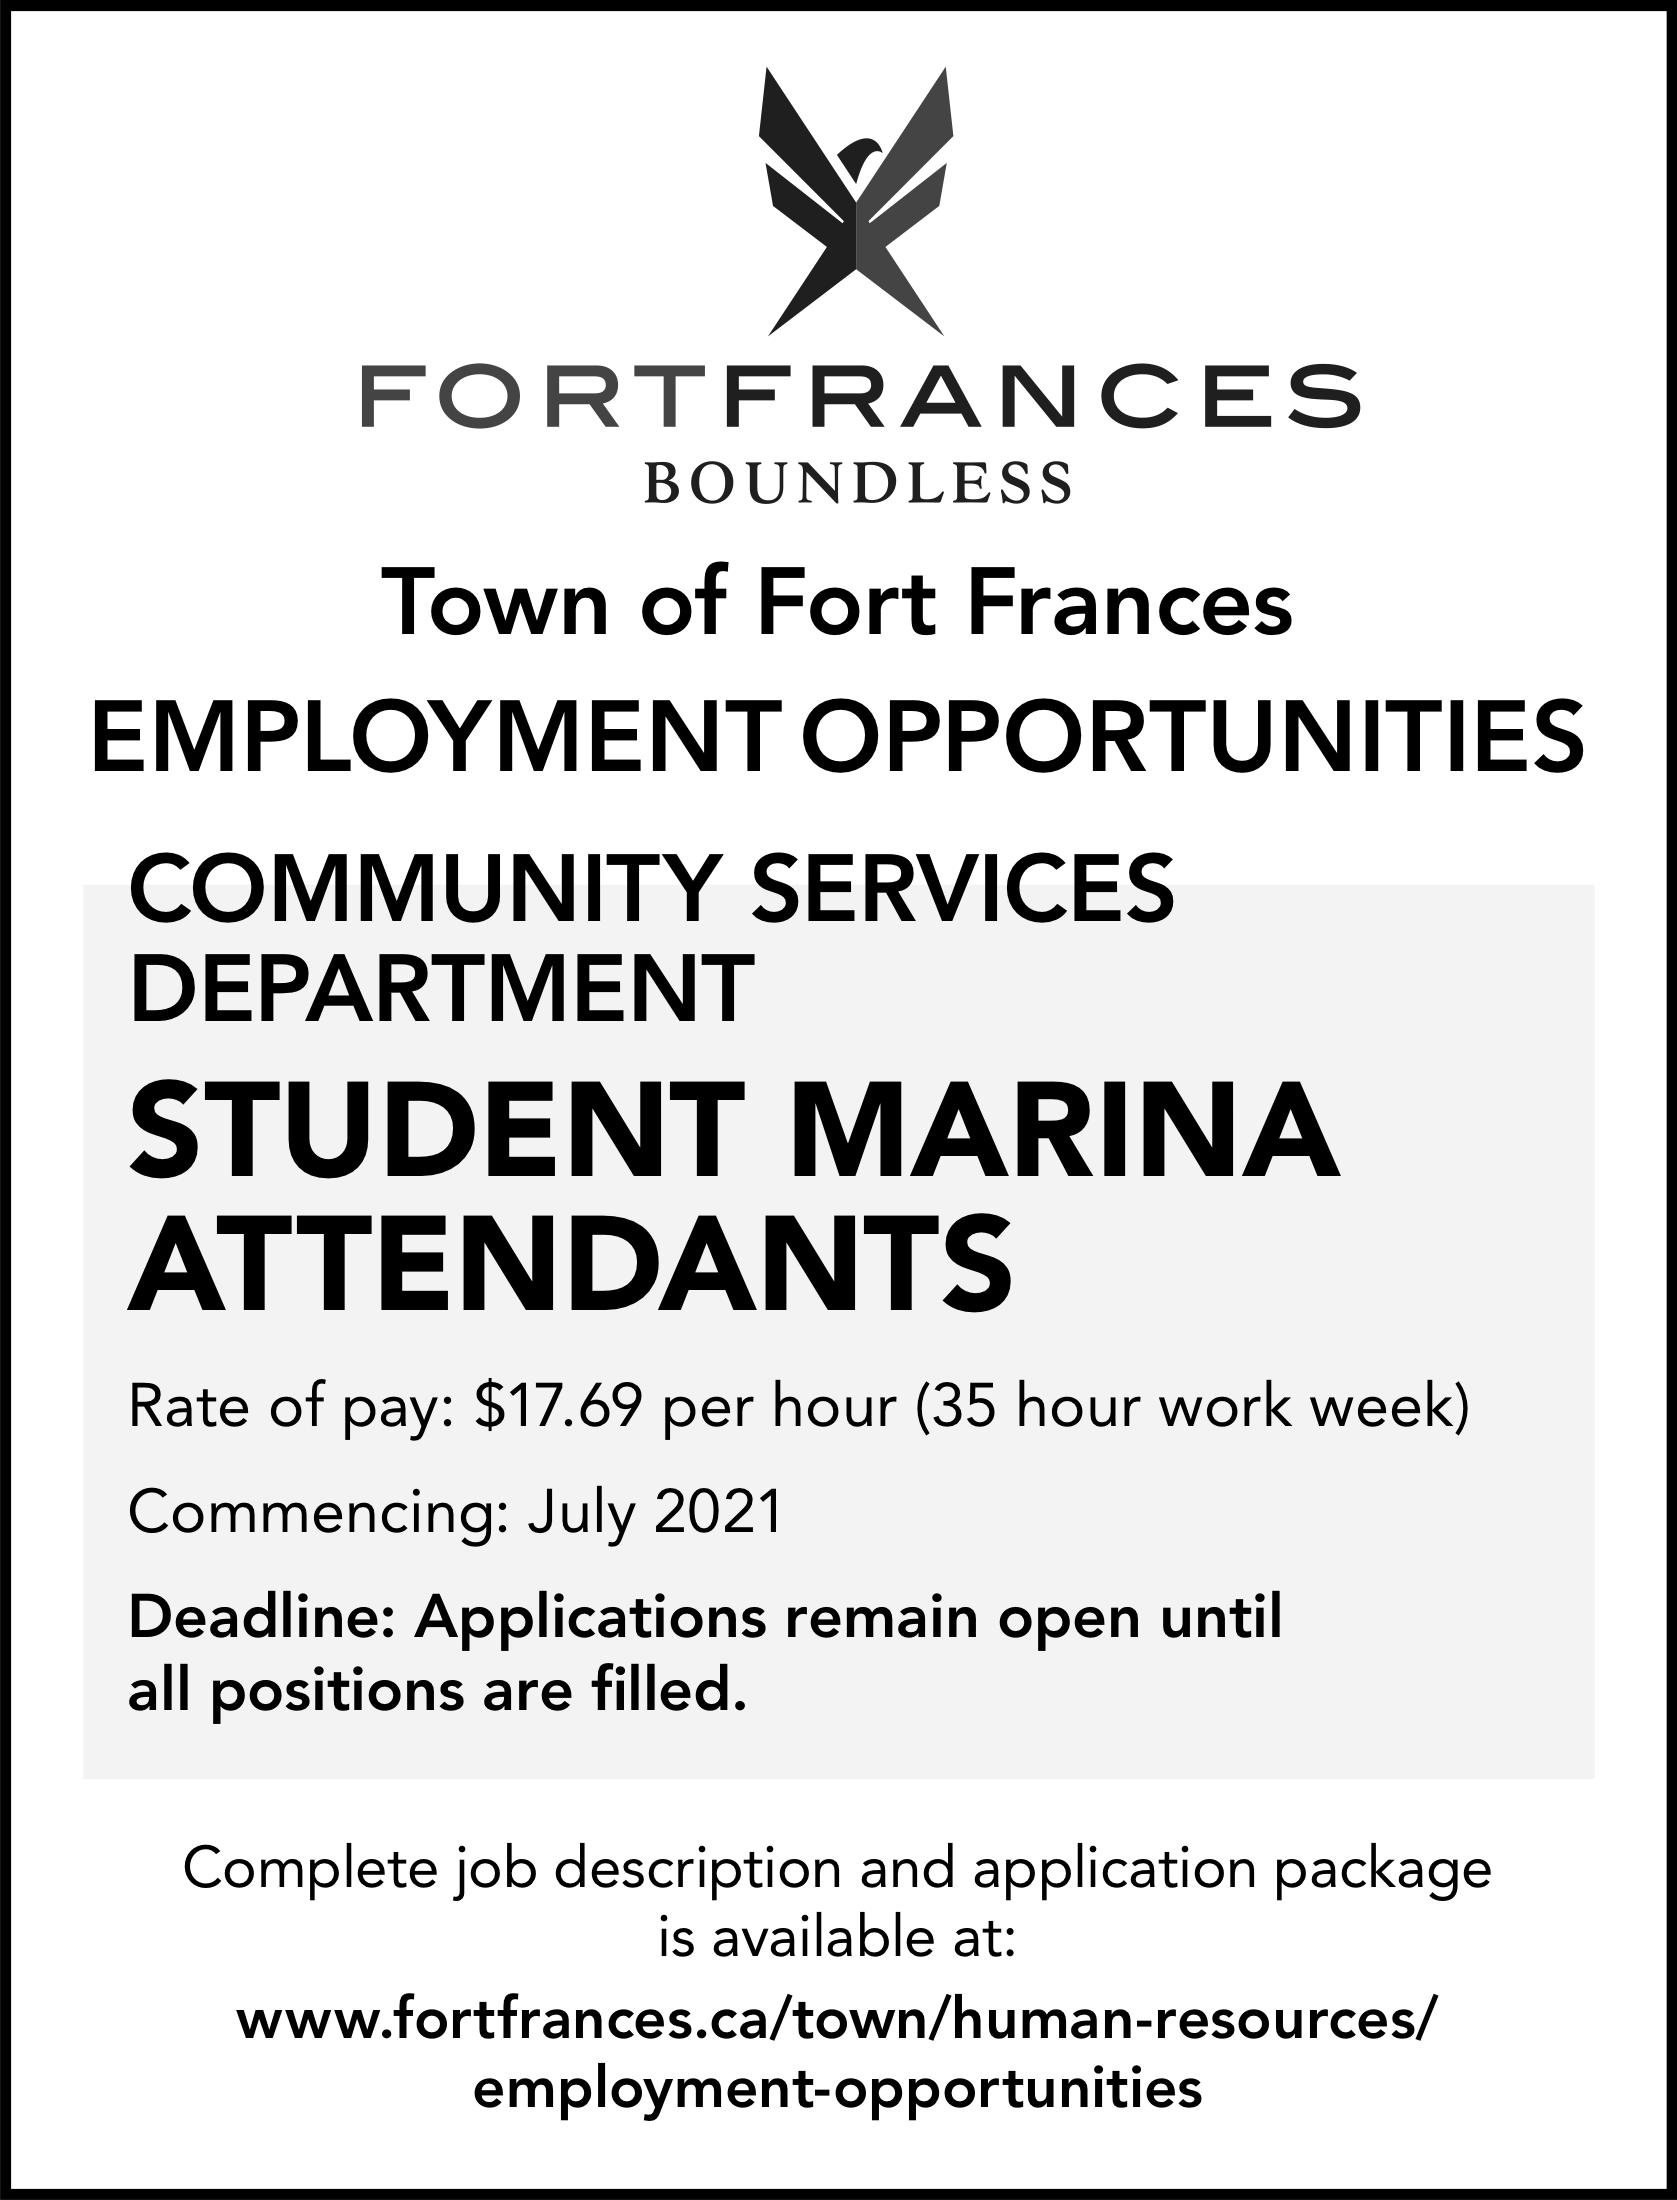 Student Marina Attendants